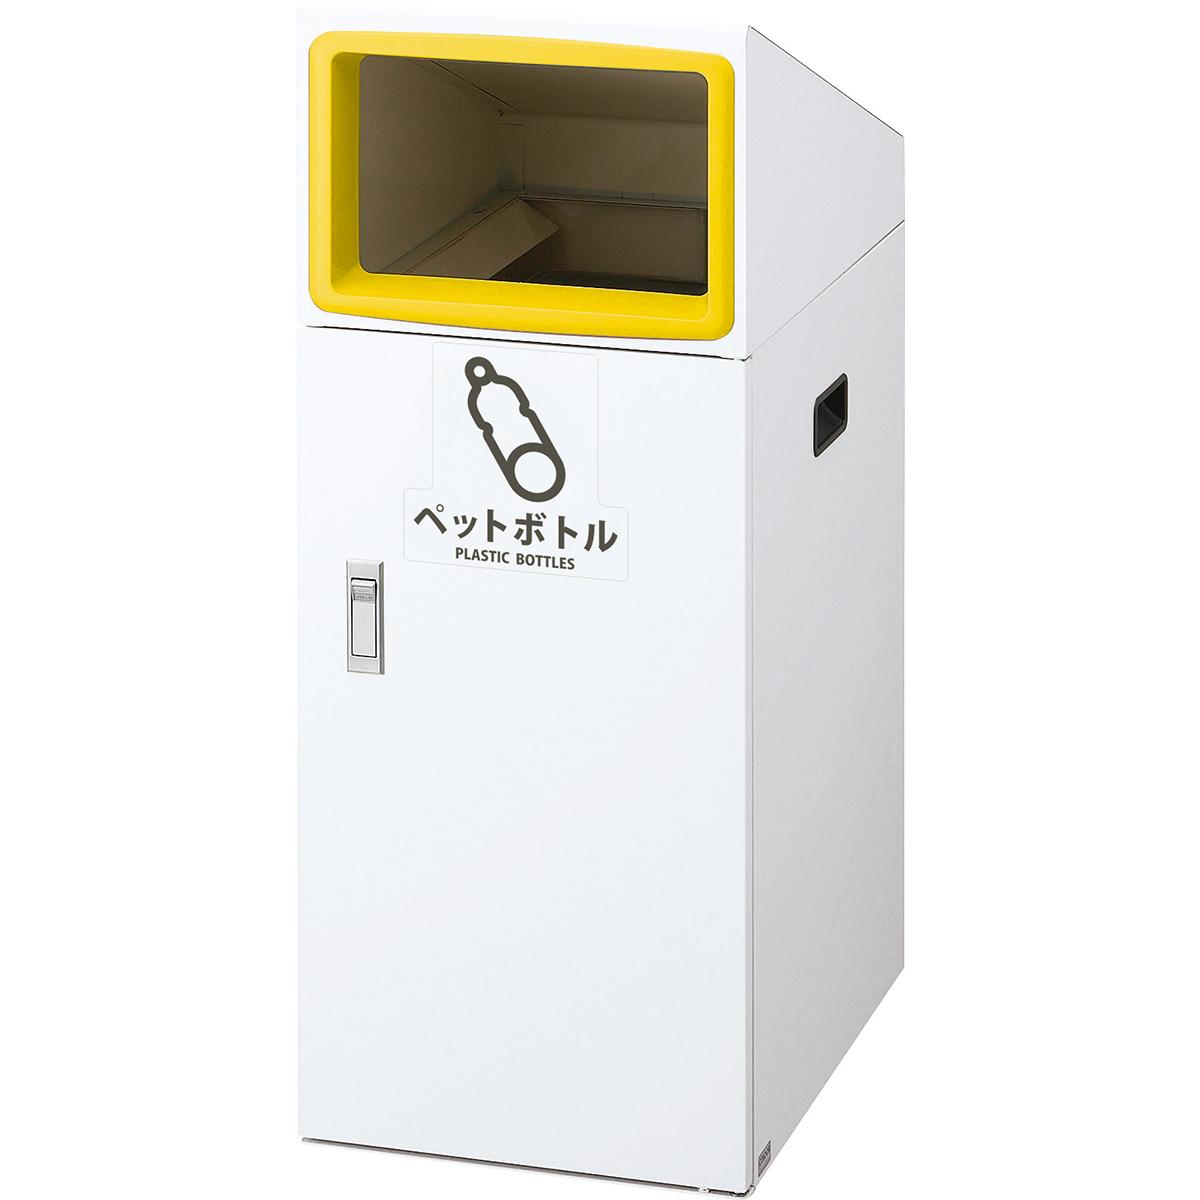 山崎産業 リサイクルボックス TO-50 50L ペットボトル/Y(黄) YW-386L-ID